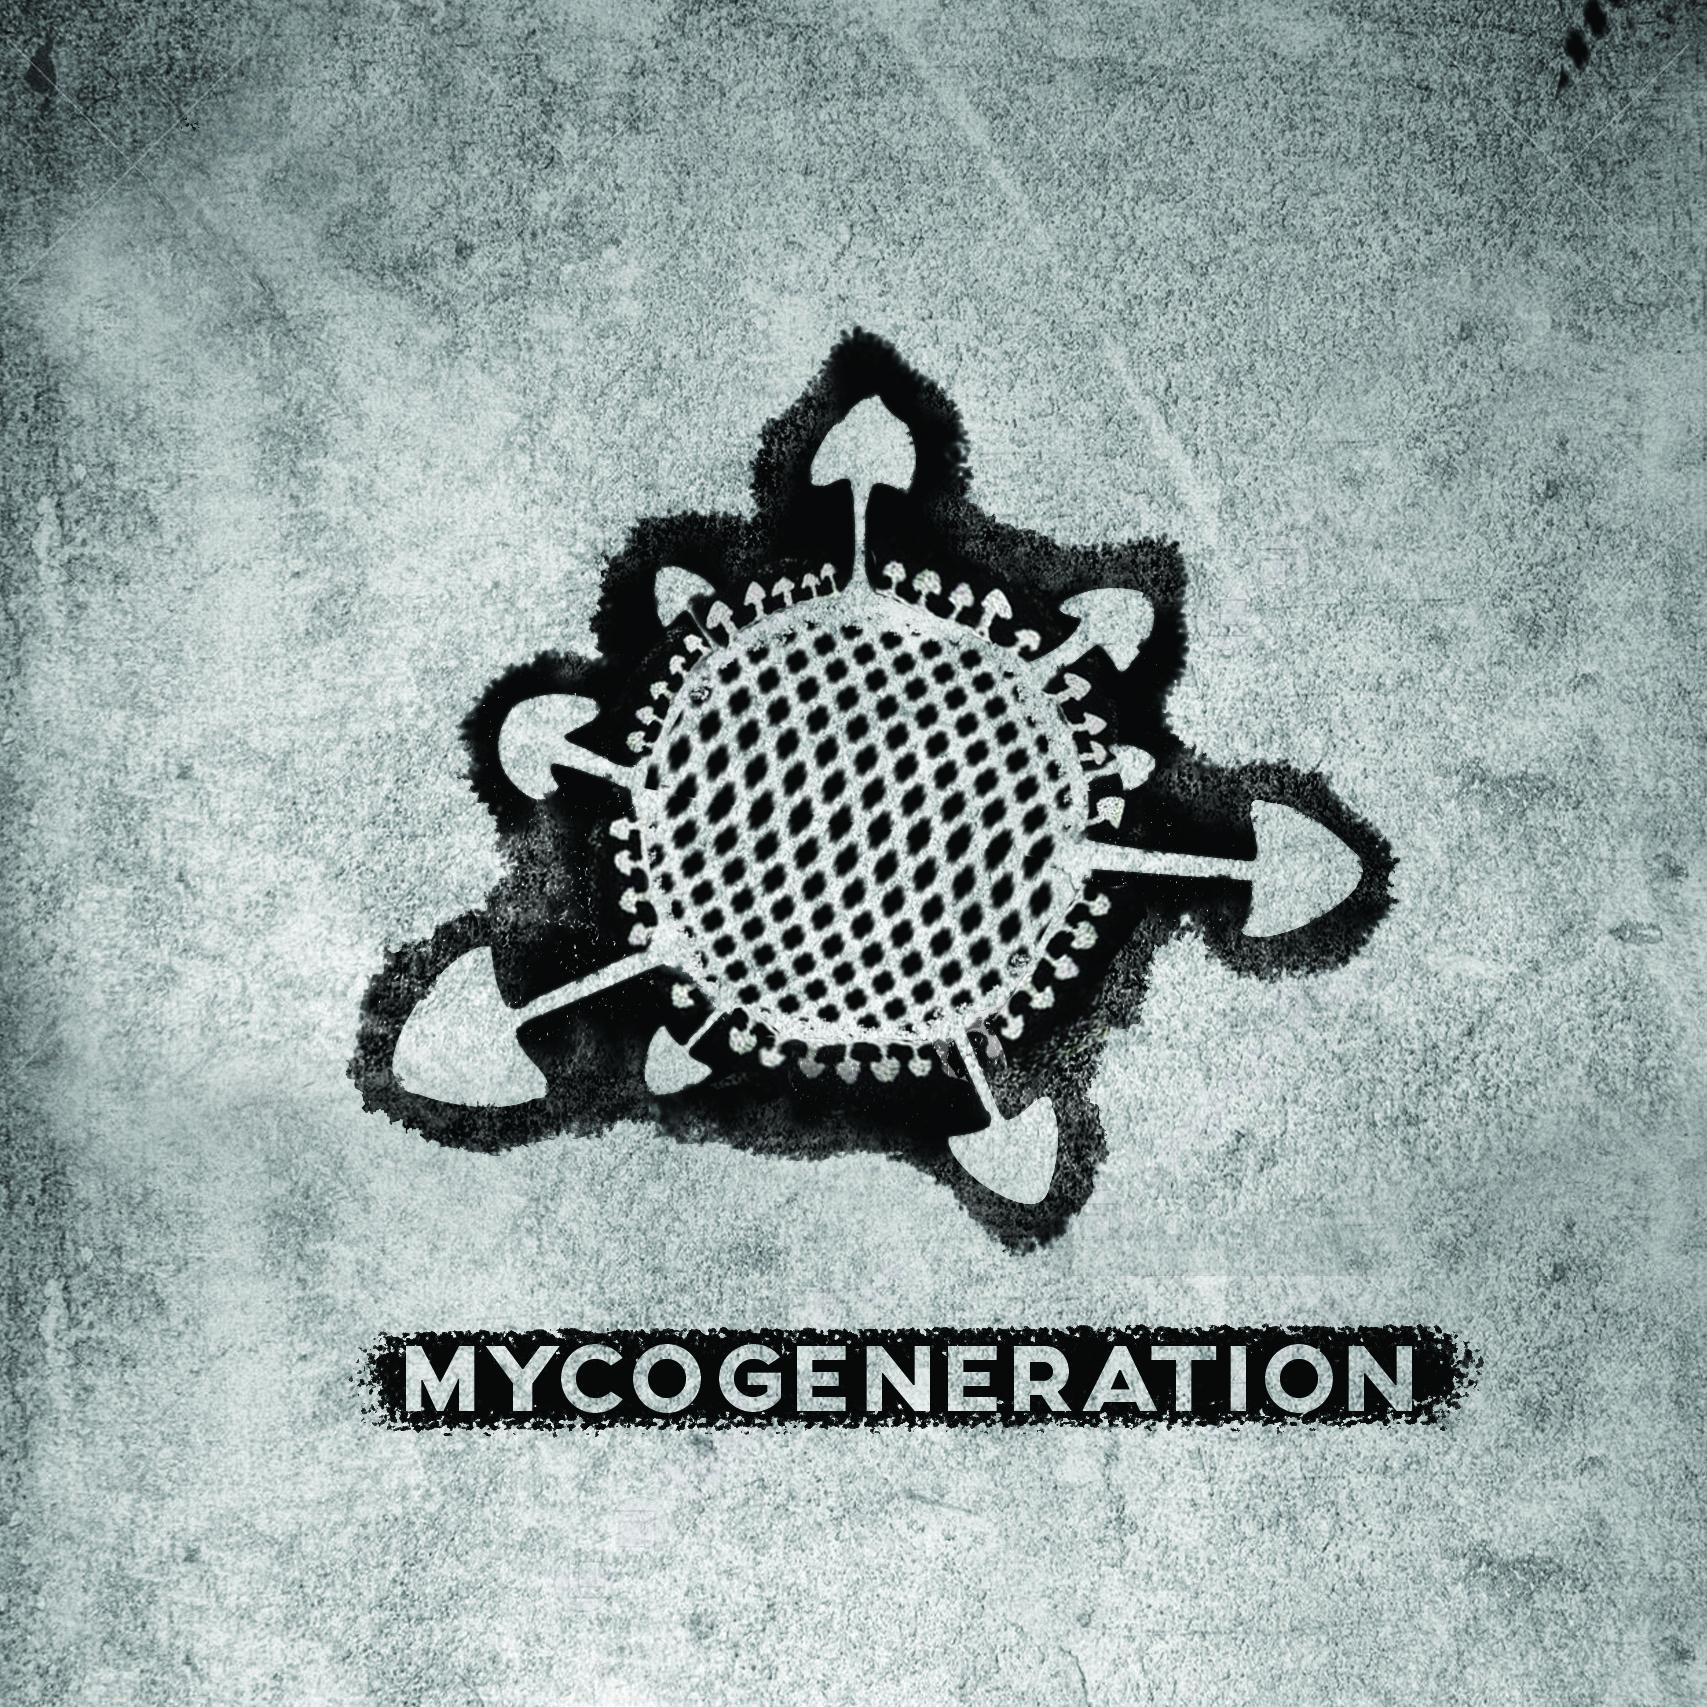 Mycogeneration